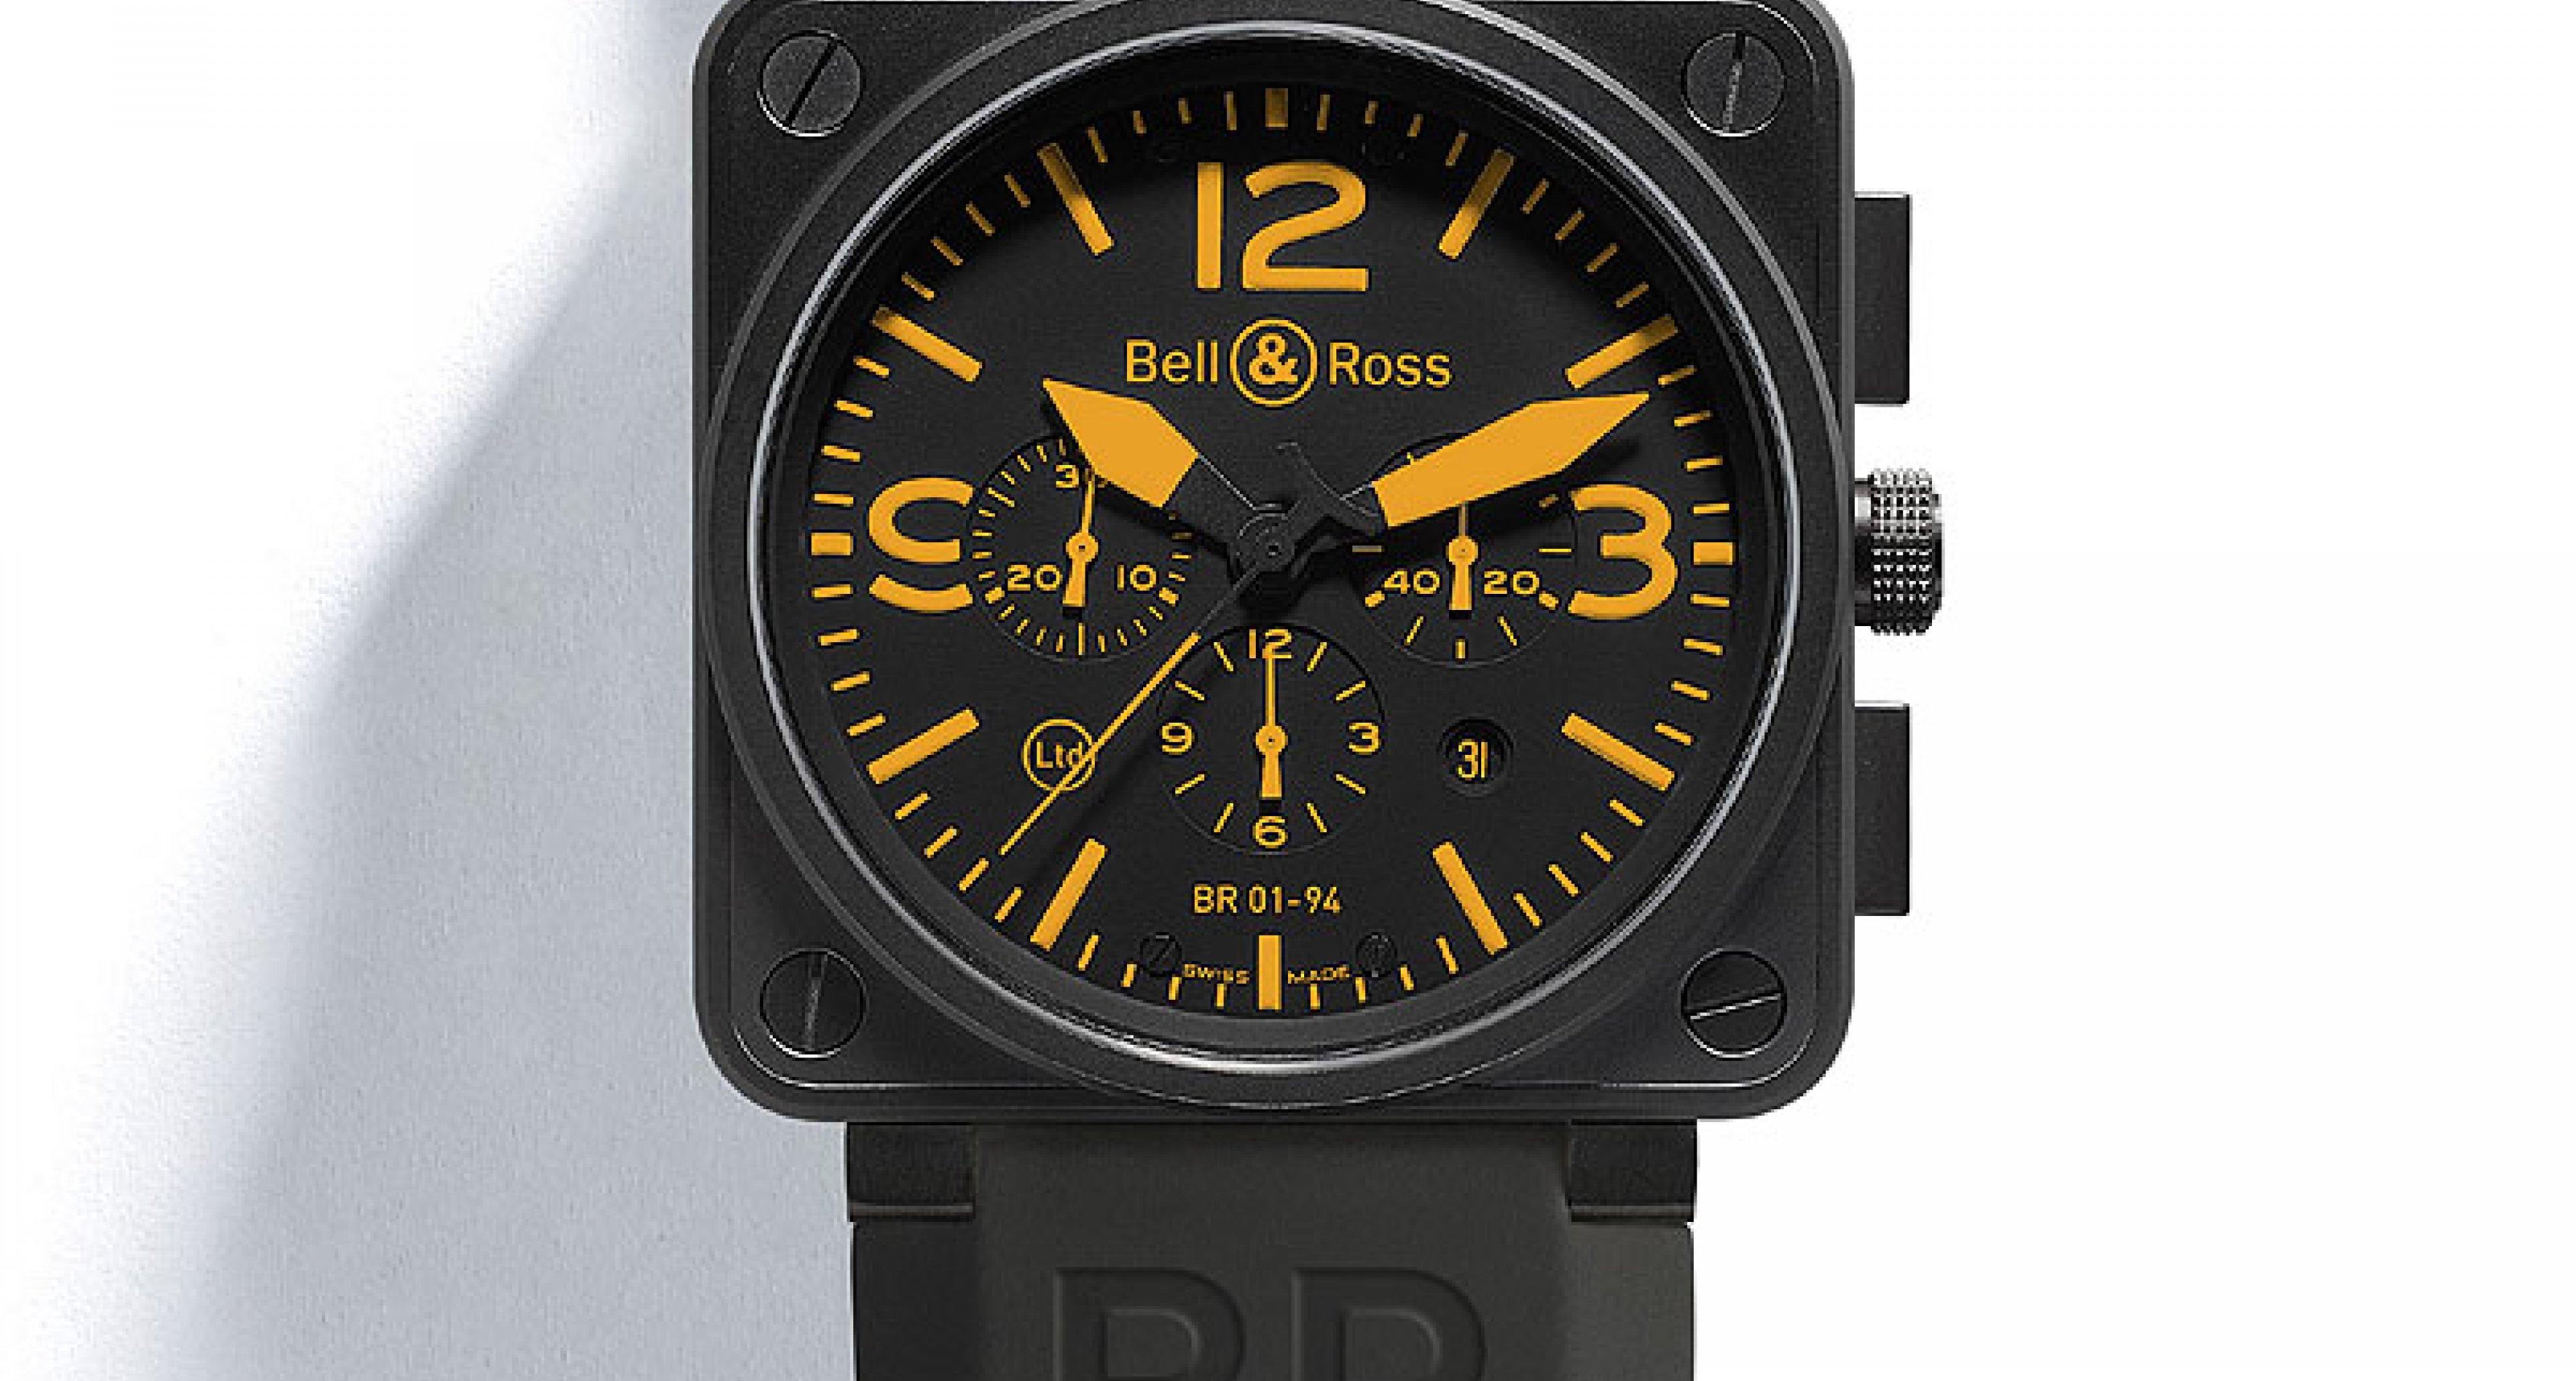 Bell&Ross Instrument BR01: Funktion bestimmt Form